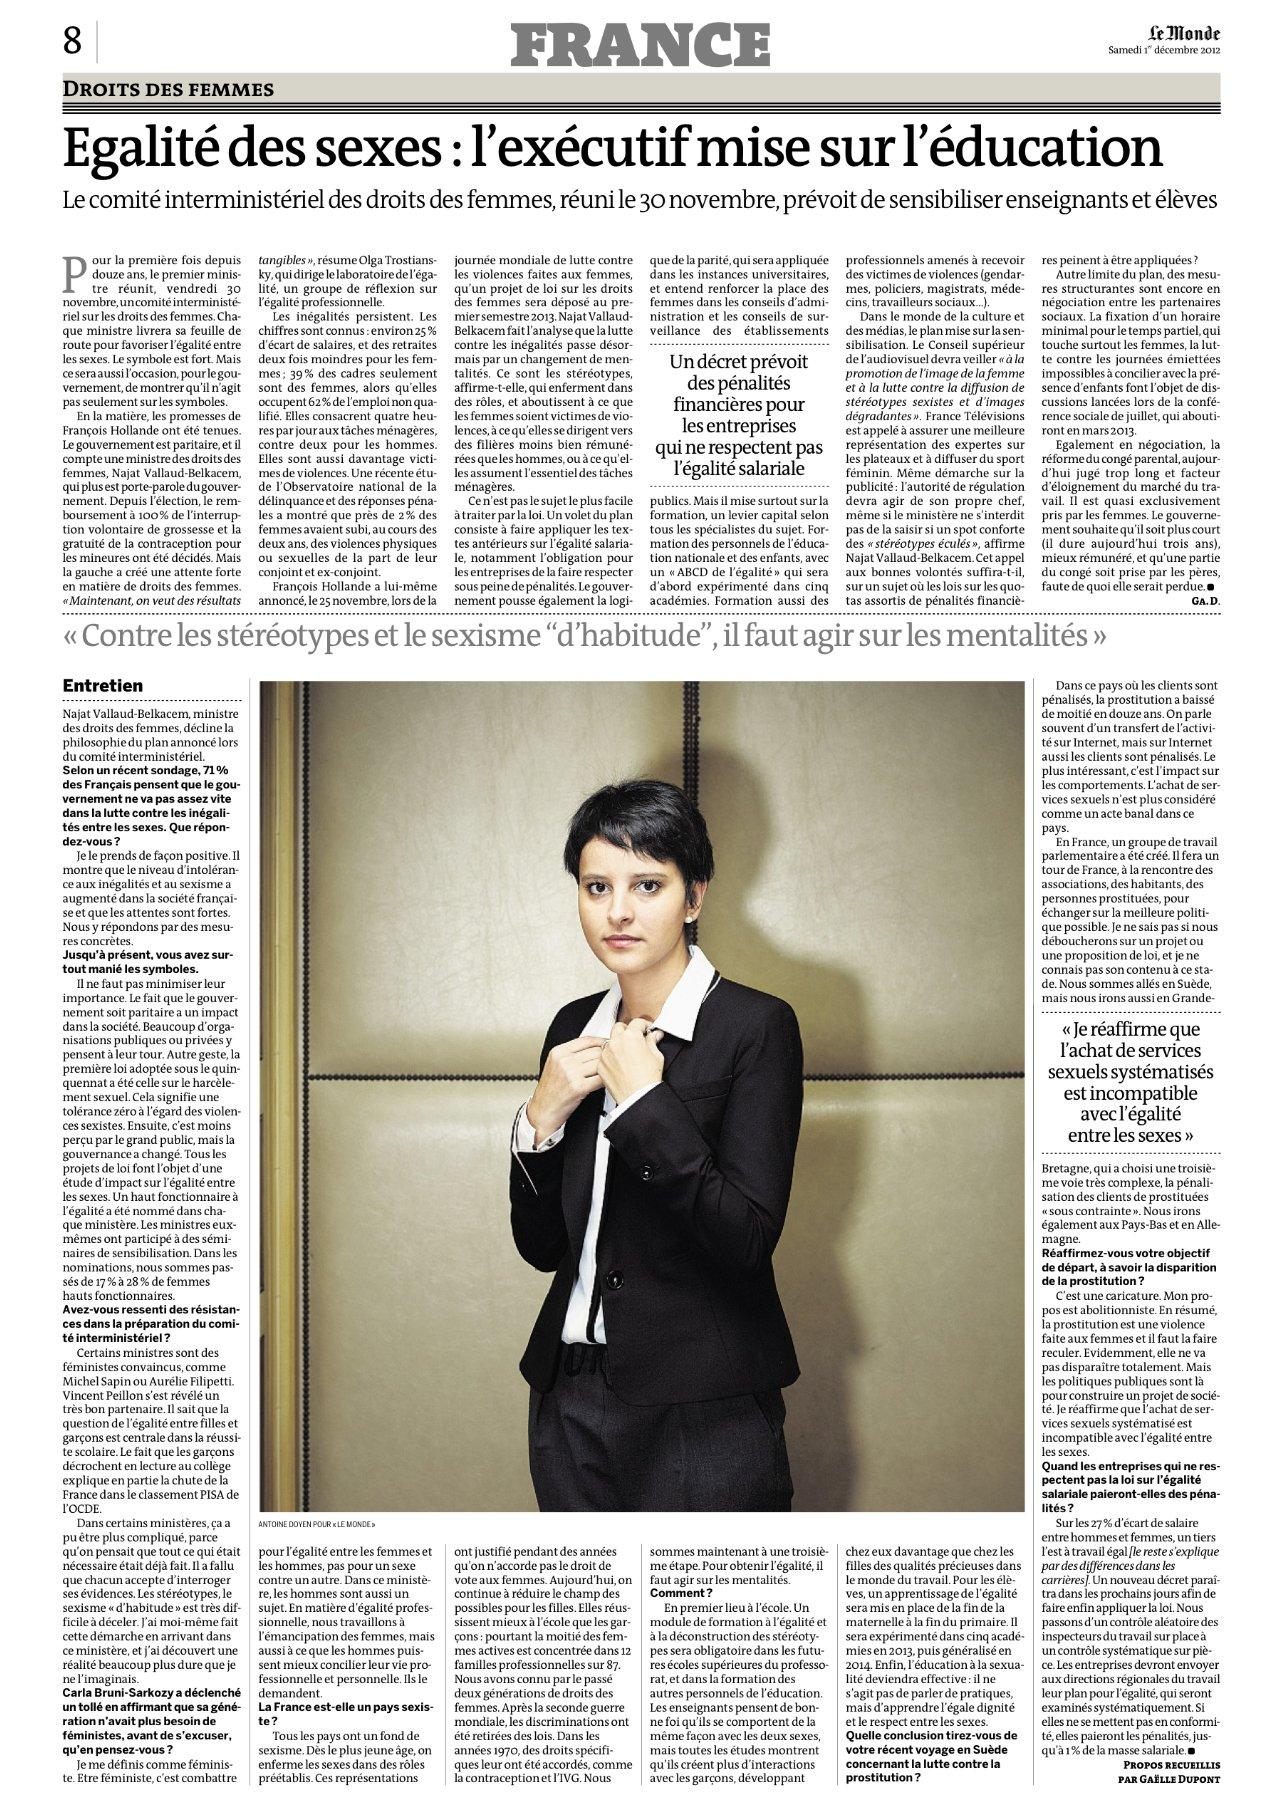 Le Monde couvre le Comité interministériel aux Droits des femmes avec une interview de Najat Vallaud-Belkacem